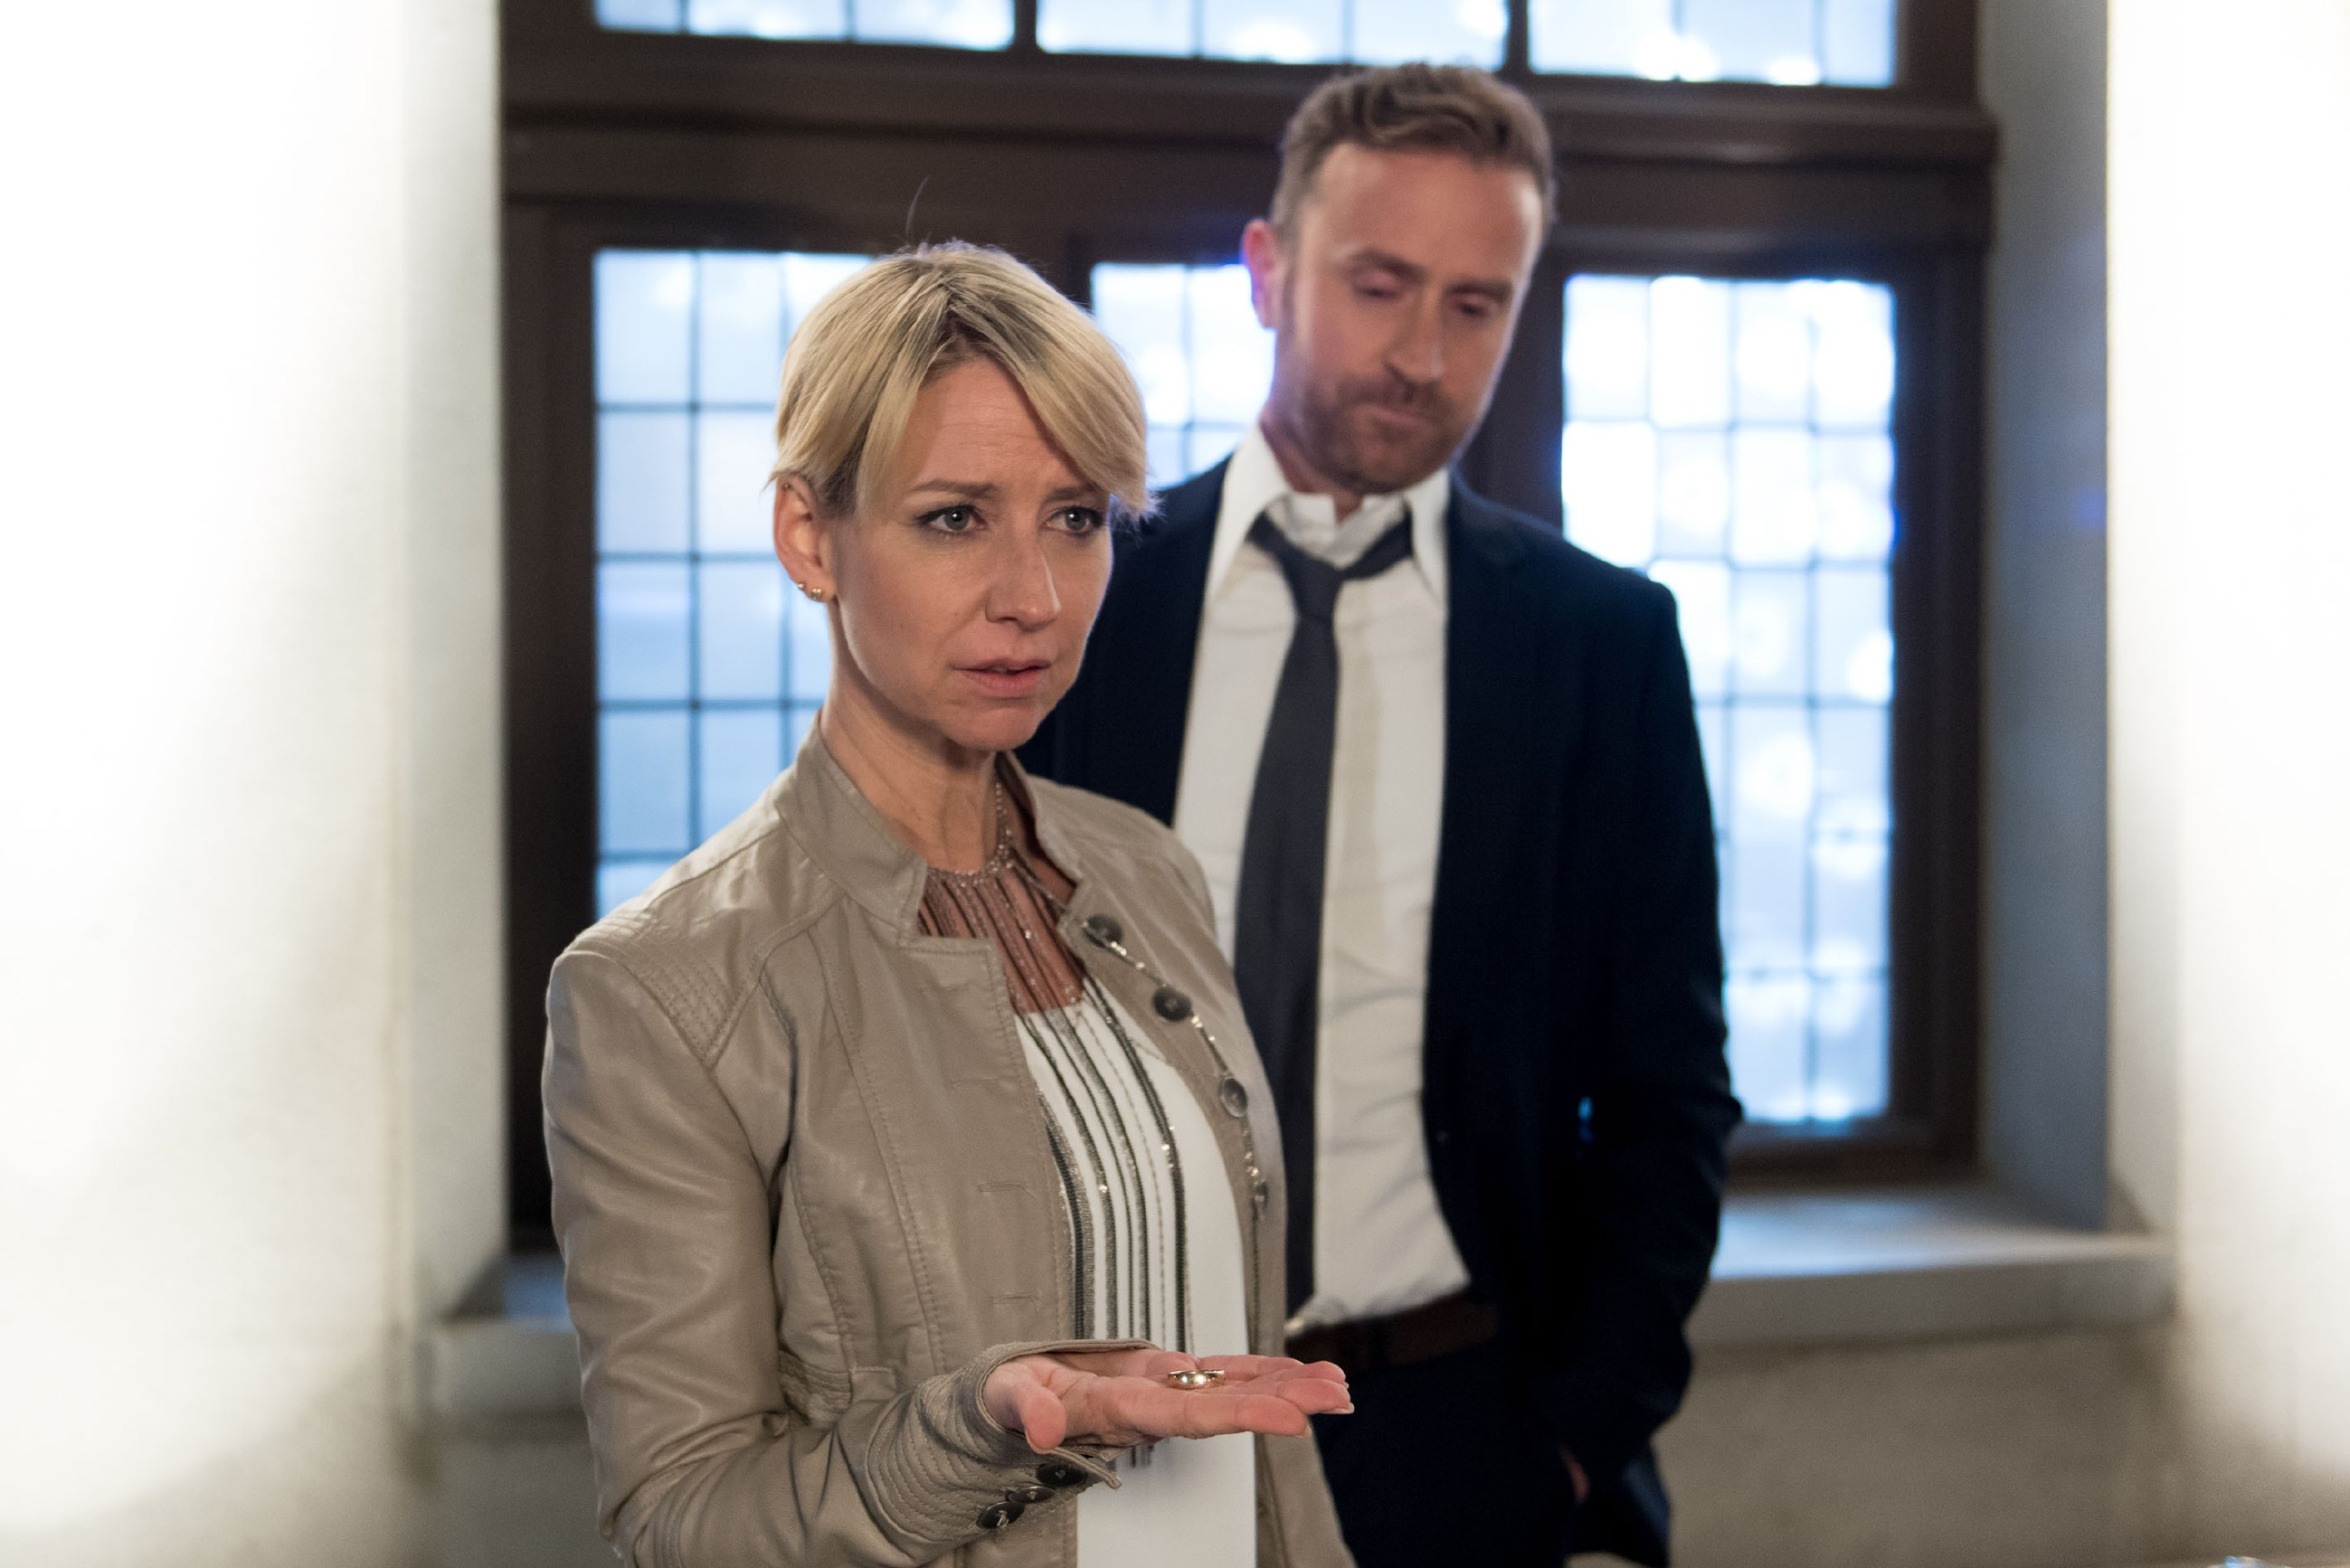 Wird sich Ute (Isabell Hertel) auf einen One-Night-Stand mit dem verheirateten Stefan (Björn Gödde) einlassen? (Quelle: RTL / Stefan Behrens)